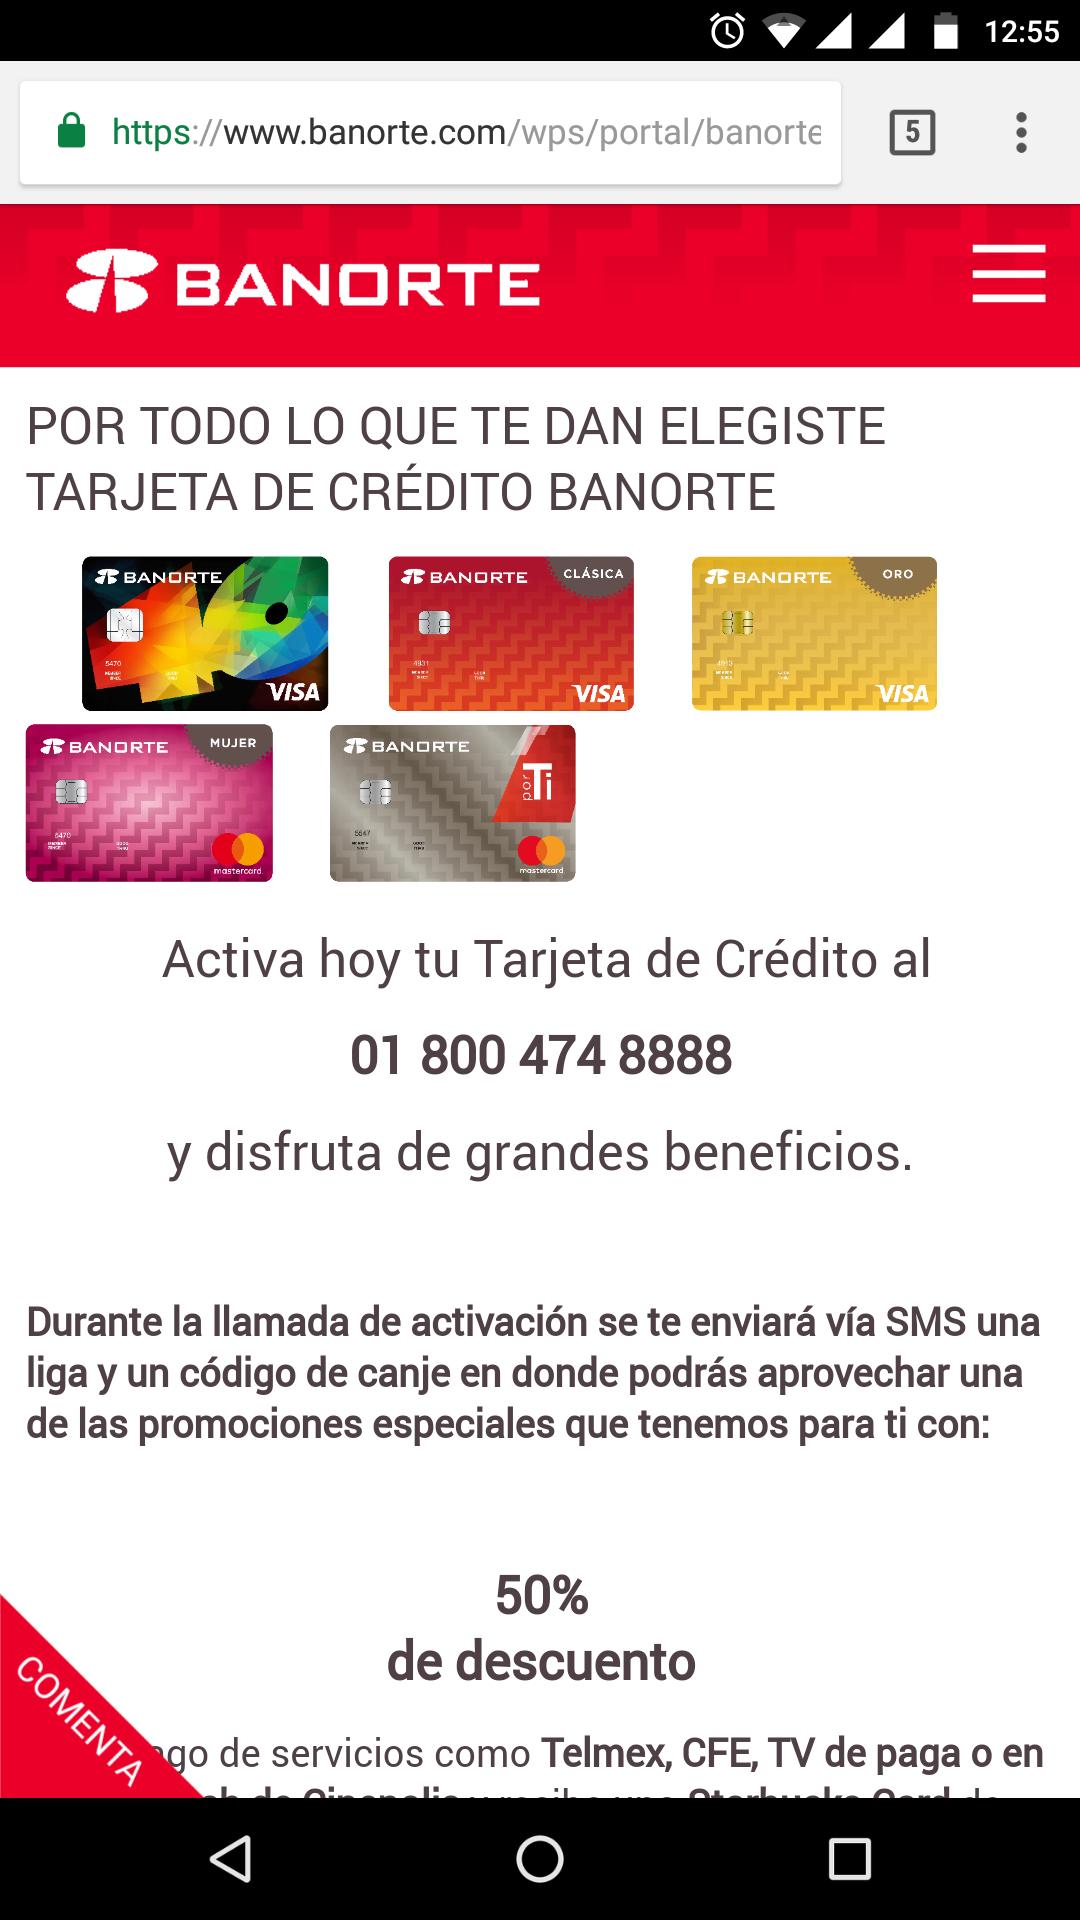 Banorte: 50% de descuento en pago de servicios + Starbuks Card de $100 pesos al solicitar y activar tu tarjeta.